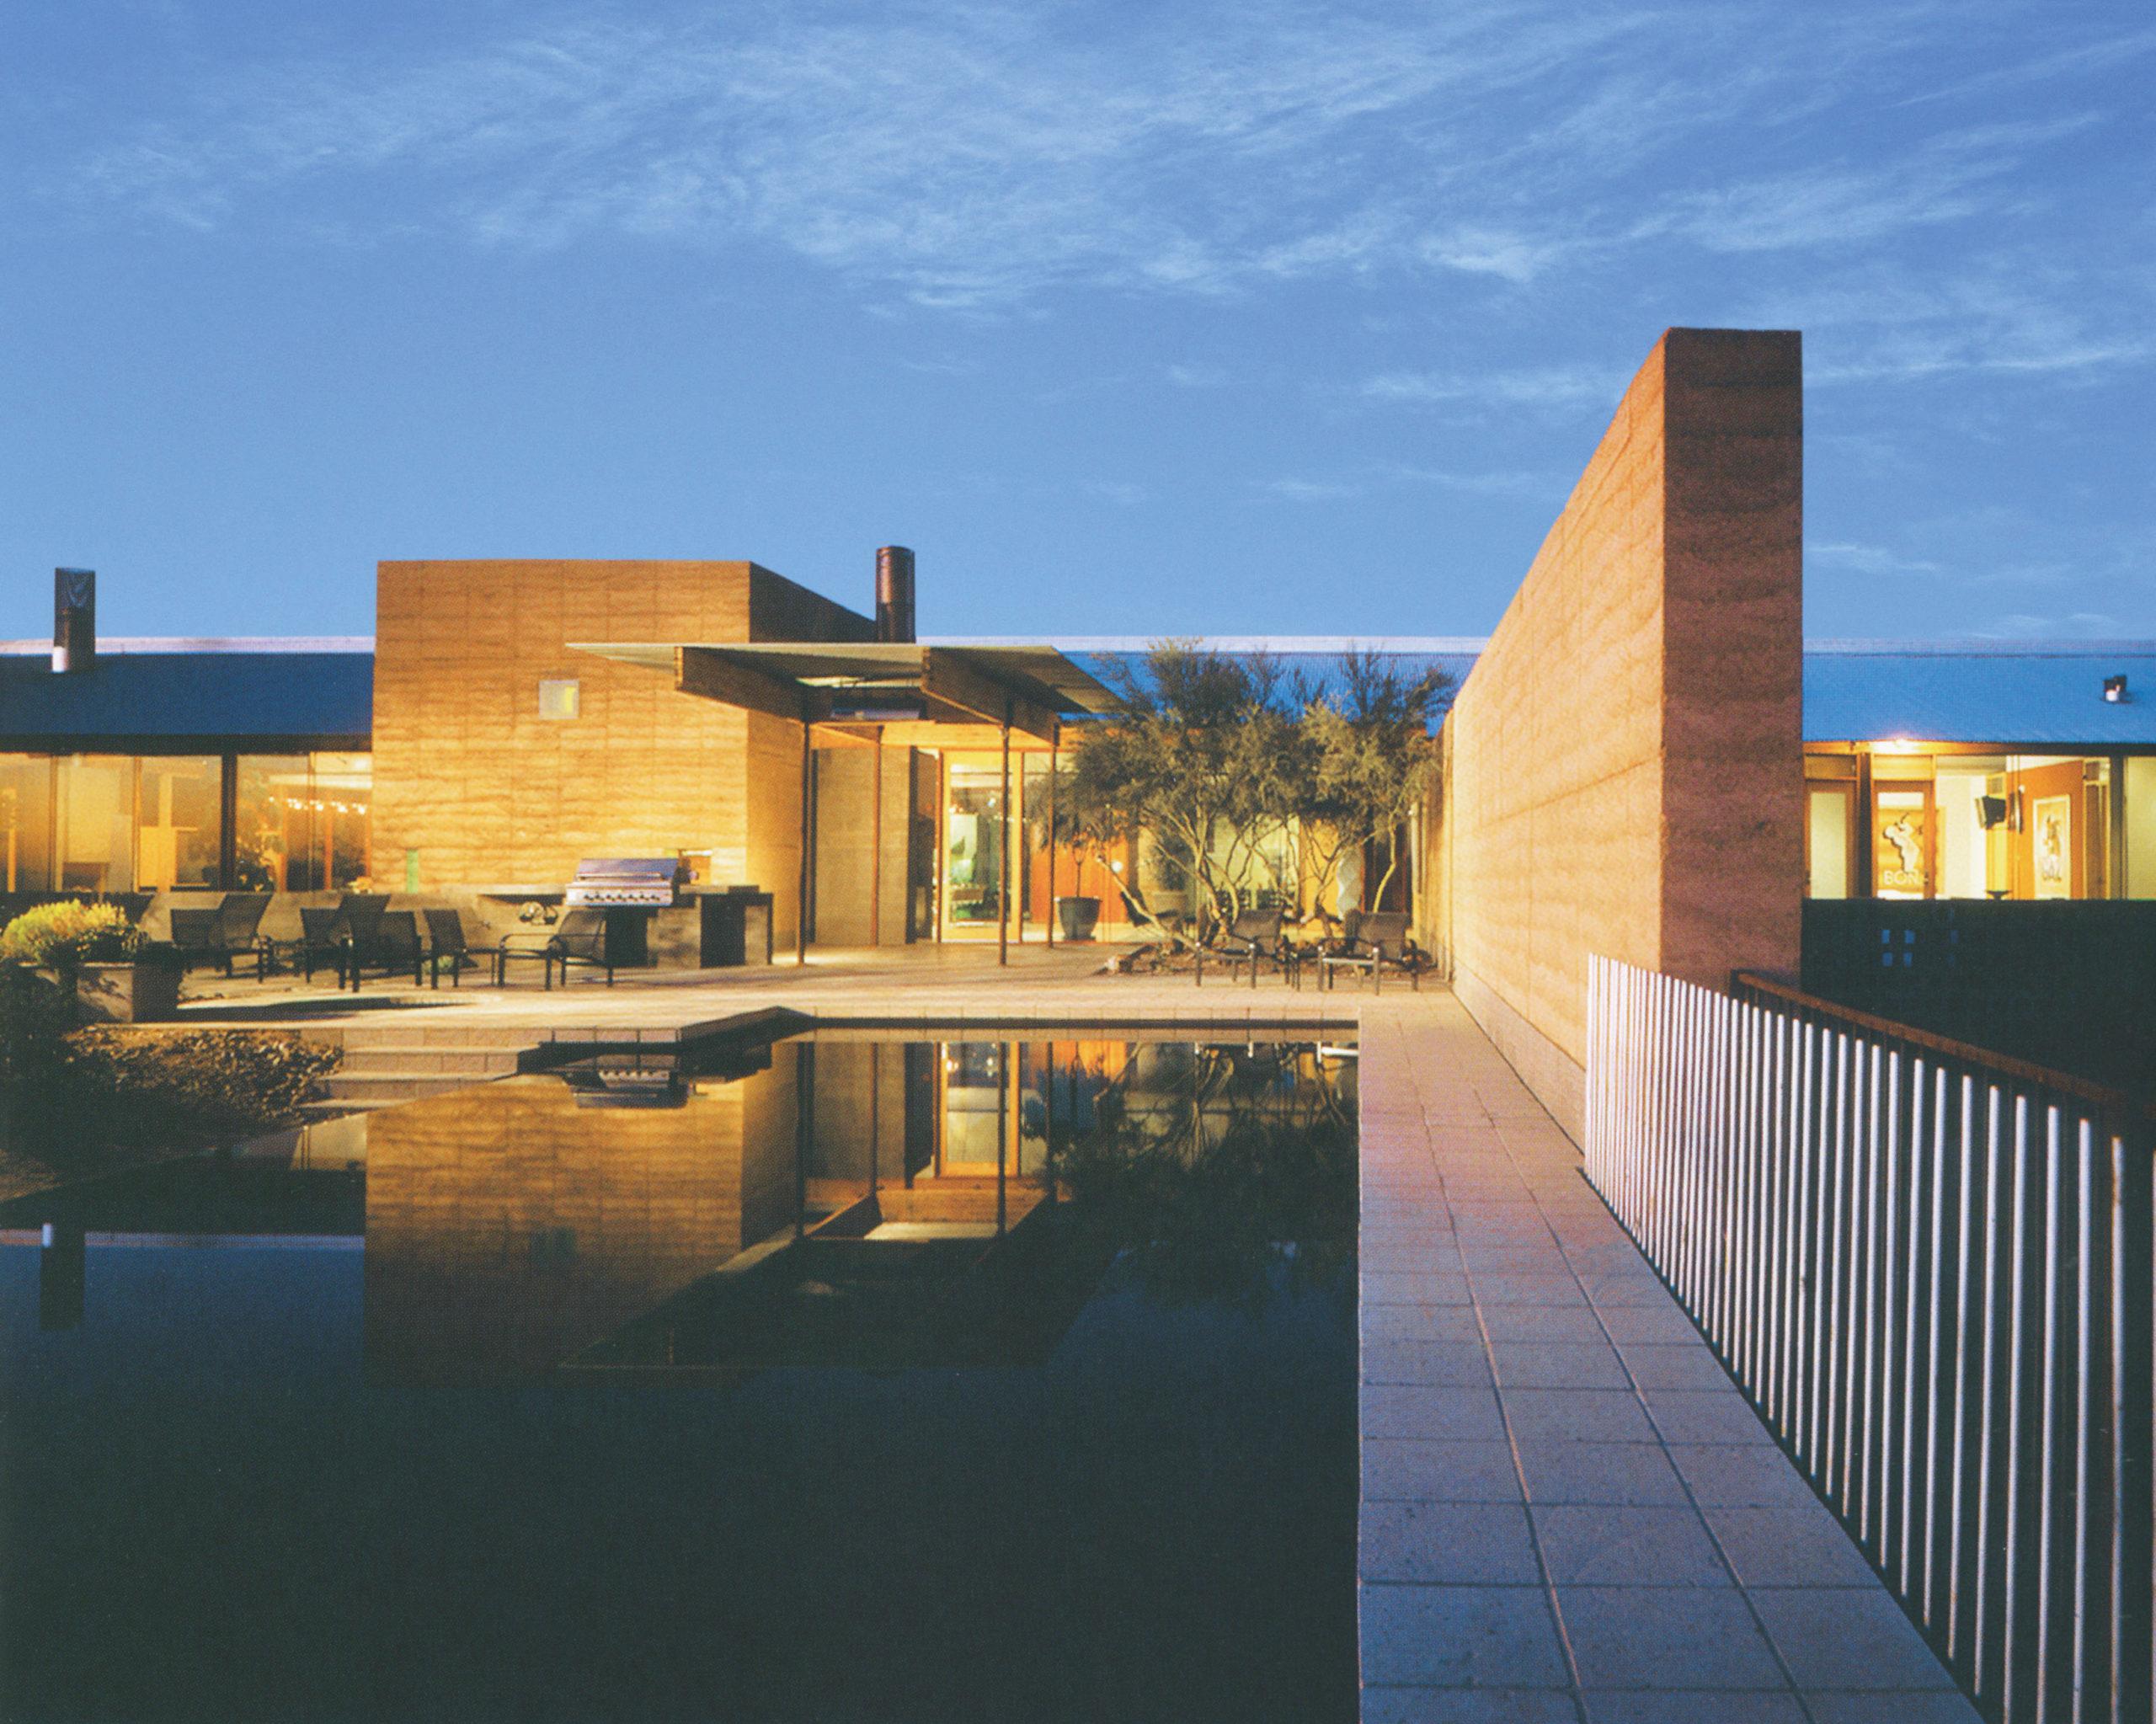 پروژهی خانهی مسکونی در آریزونا، ادی جونز، 1997